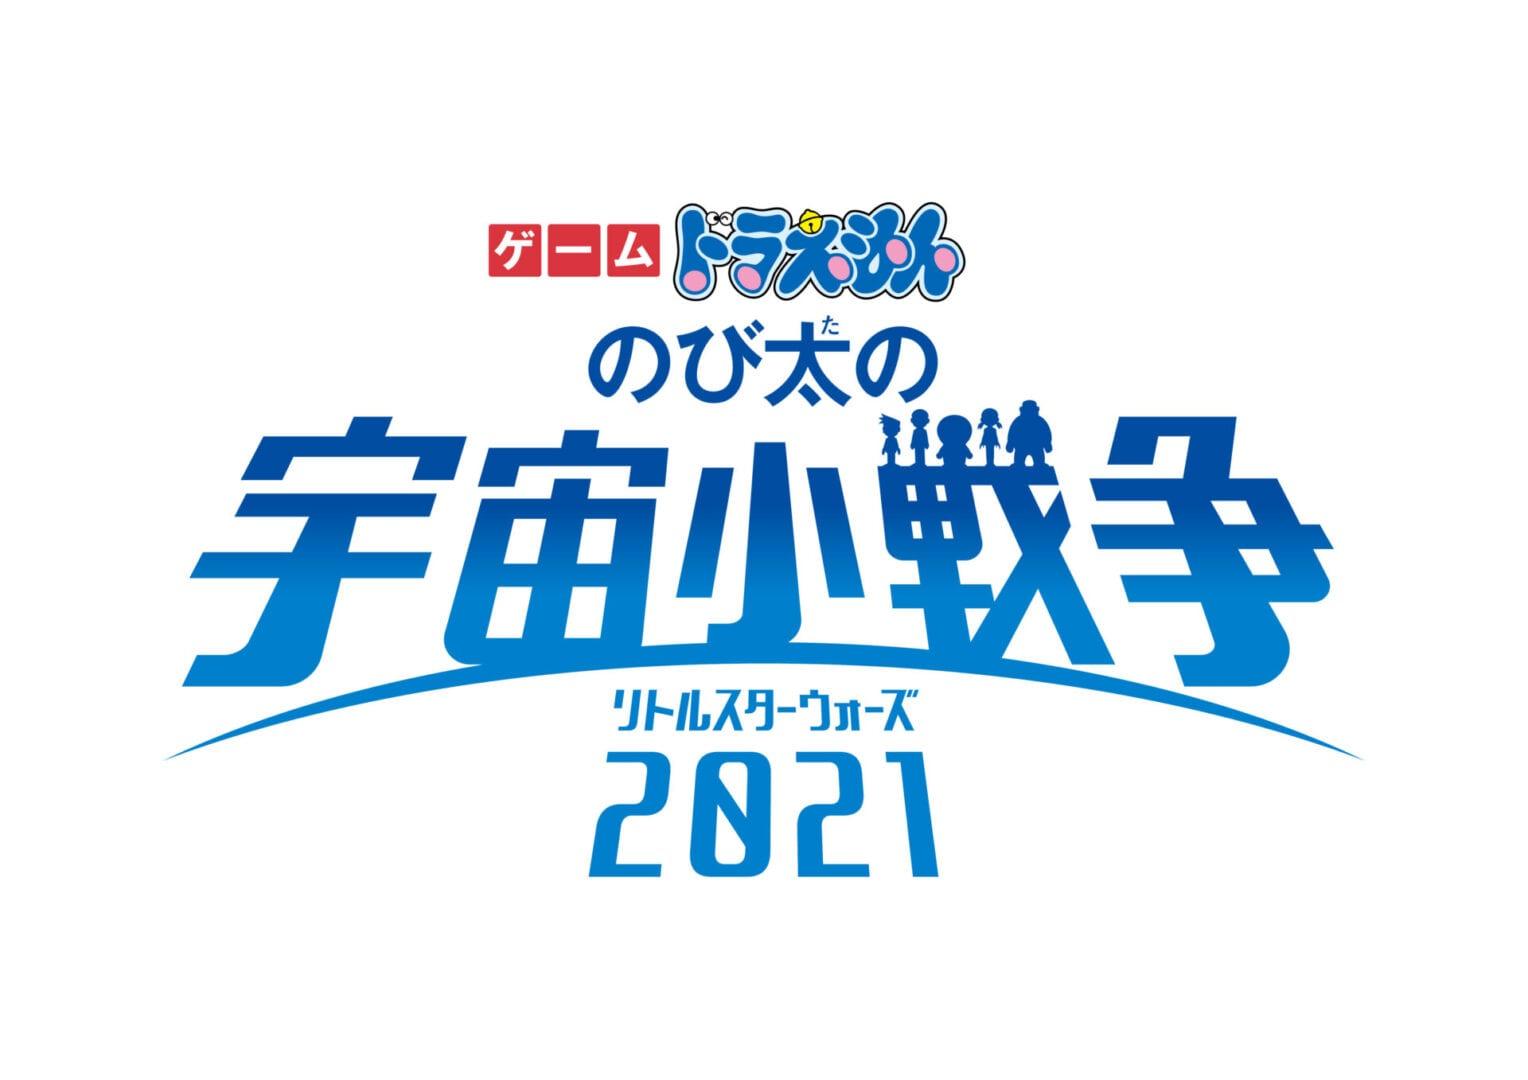 Doraemon получает новую эксклюзивную игру для Nintendo Switch по мотивам будущего фильма